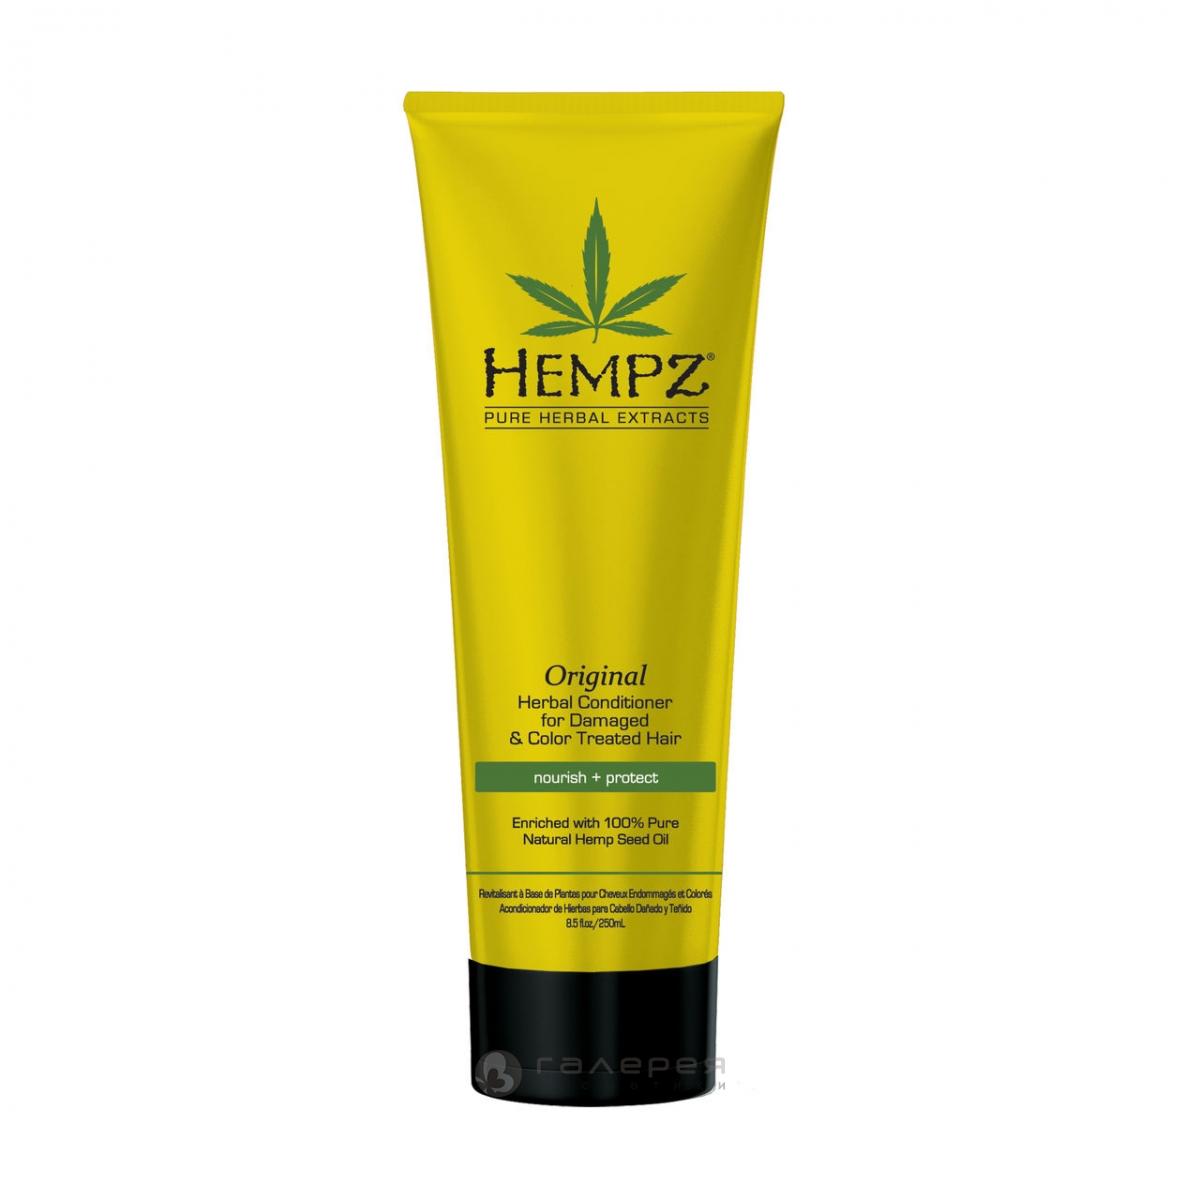 Hempz Кондиционер растительный Оригинальный для поврежденных окрашенных волос Original Herbal Conditioner 265 мл